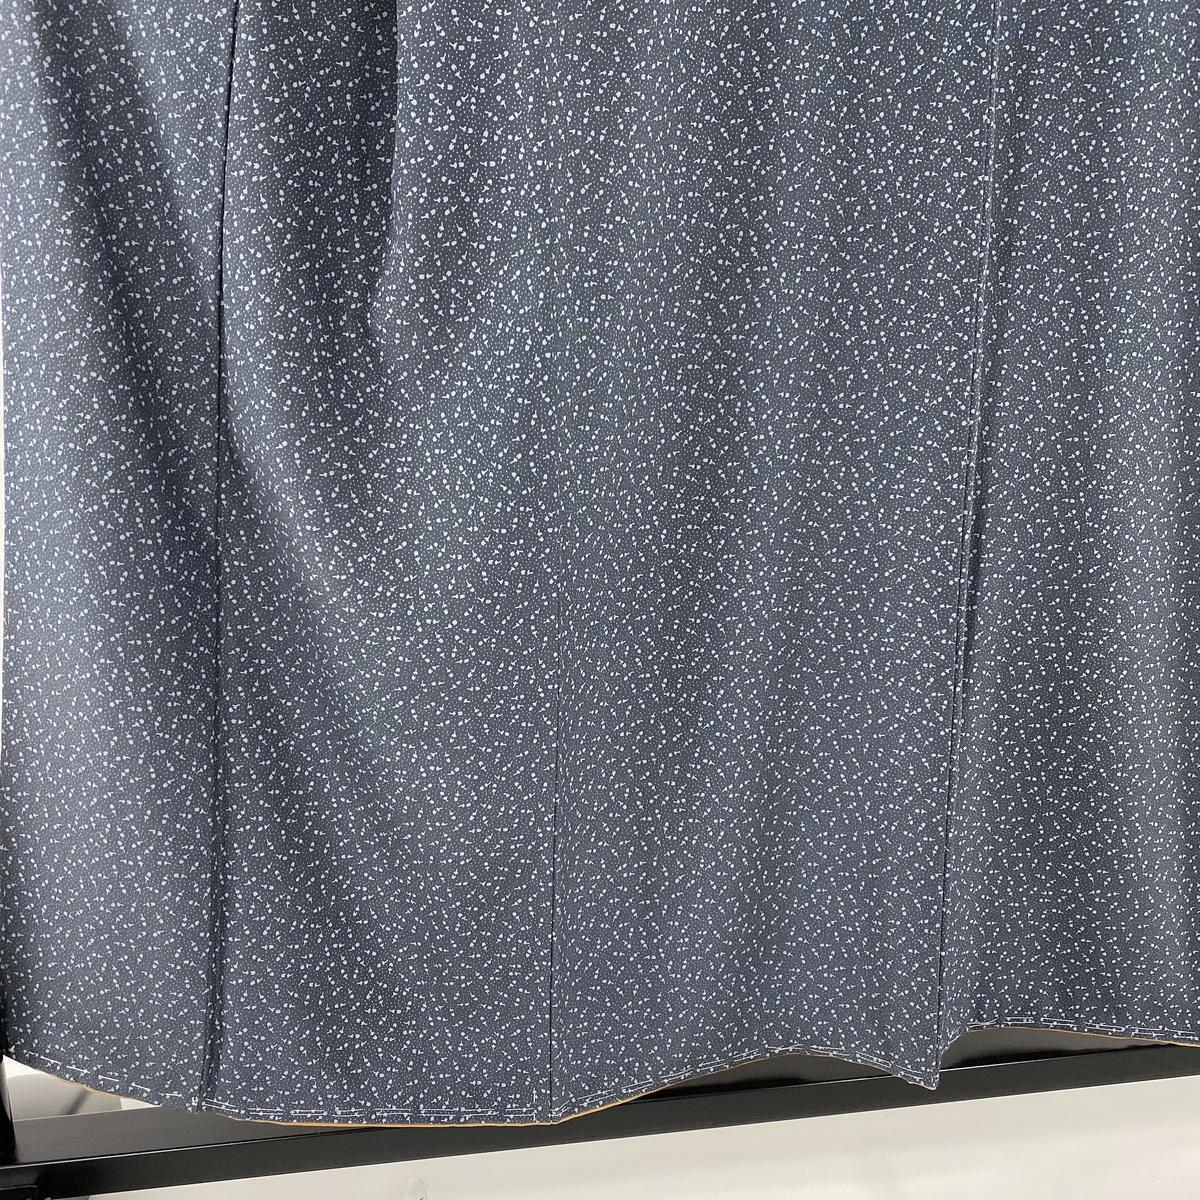 P20倍6 26 18 00 6 30 17 59迄小紋 美品 秀品 花の蕾 青灰色 袷 身丈154cm 裄丈64cm M 正絹pb20kiOkXuPZiT